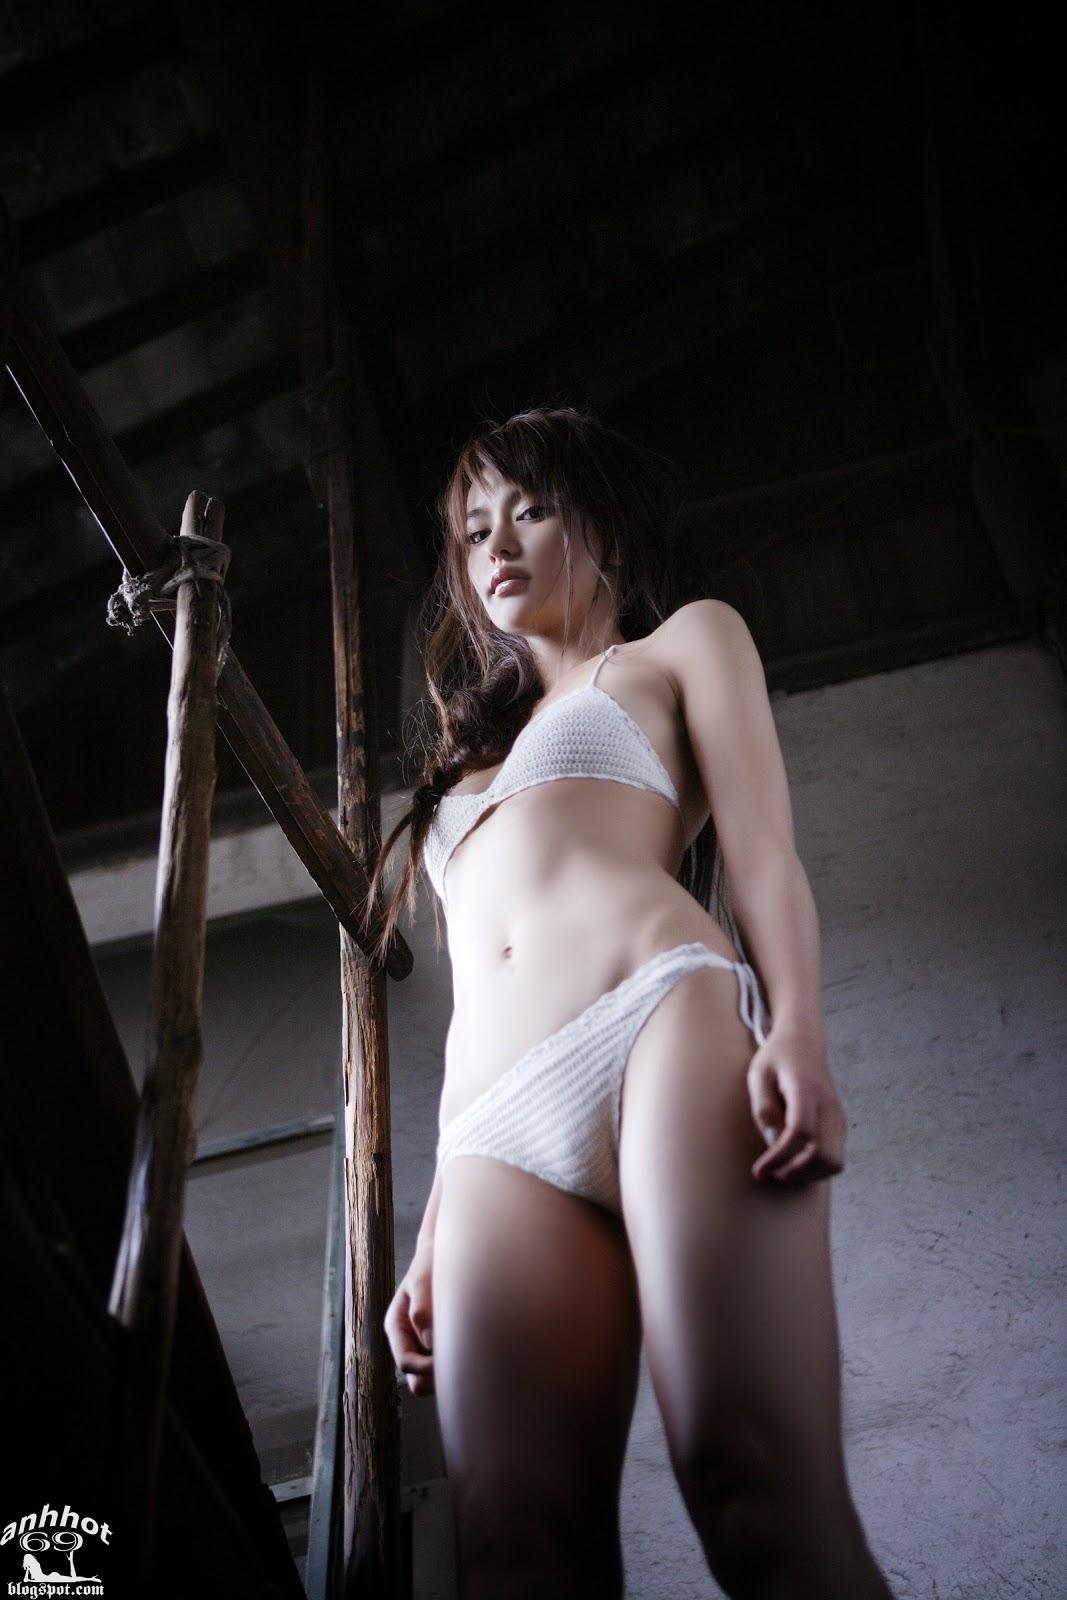 yuriko-shiratori-00499771